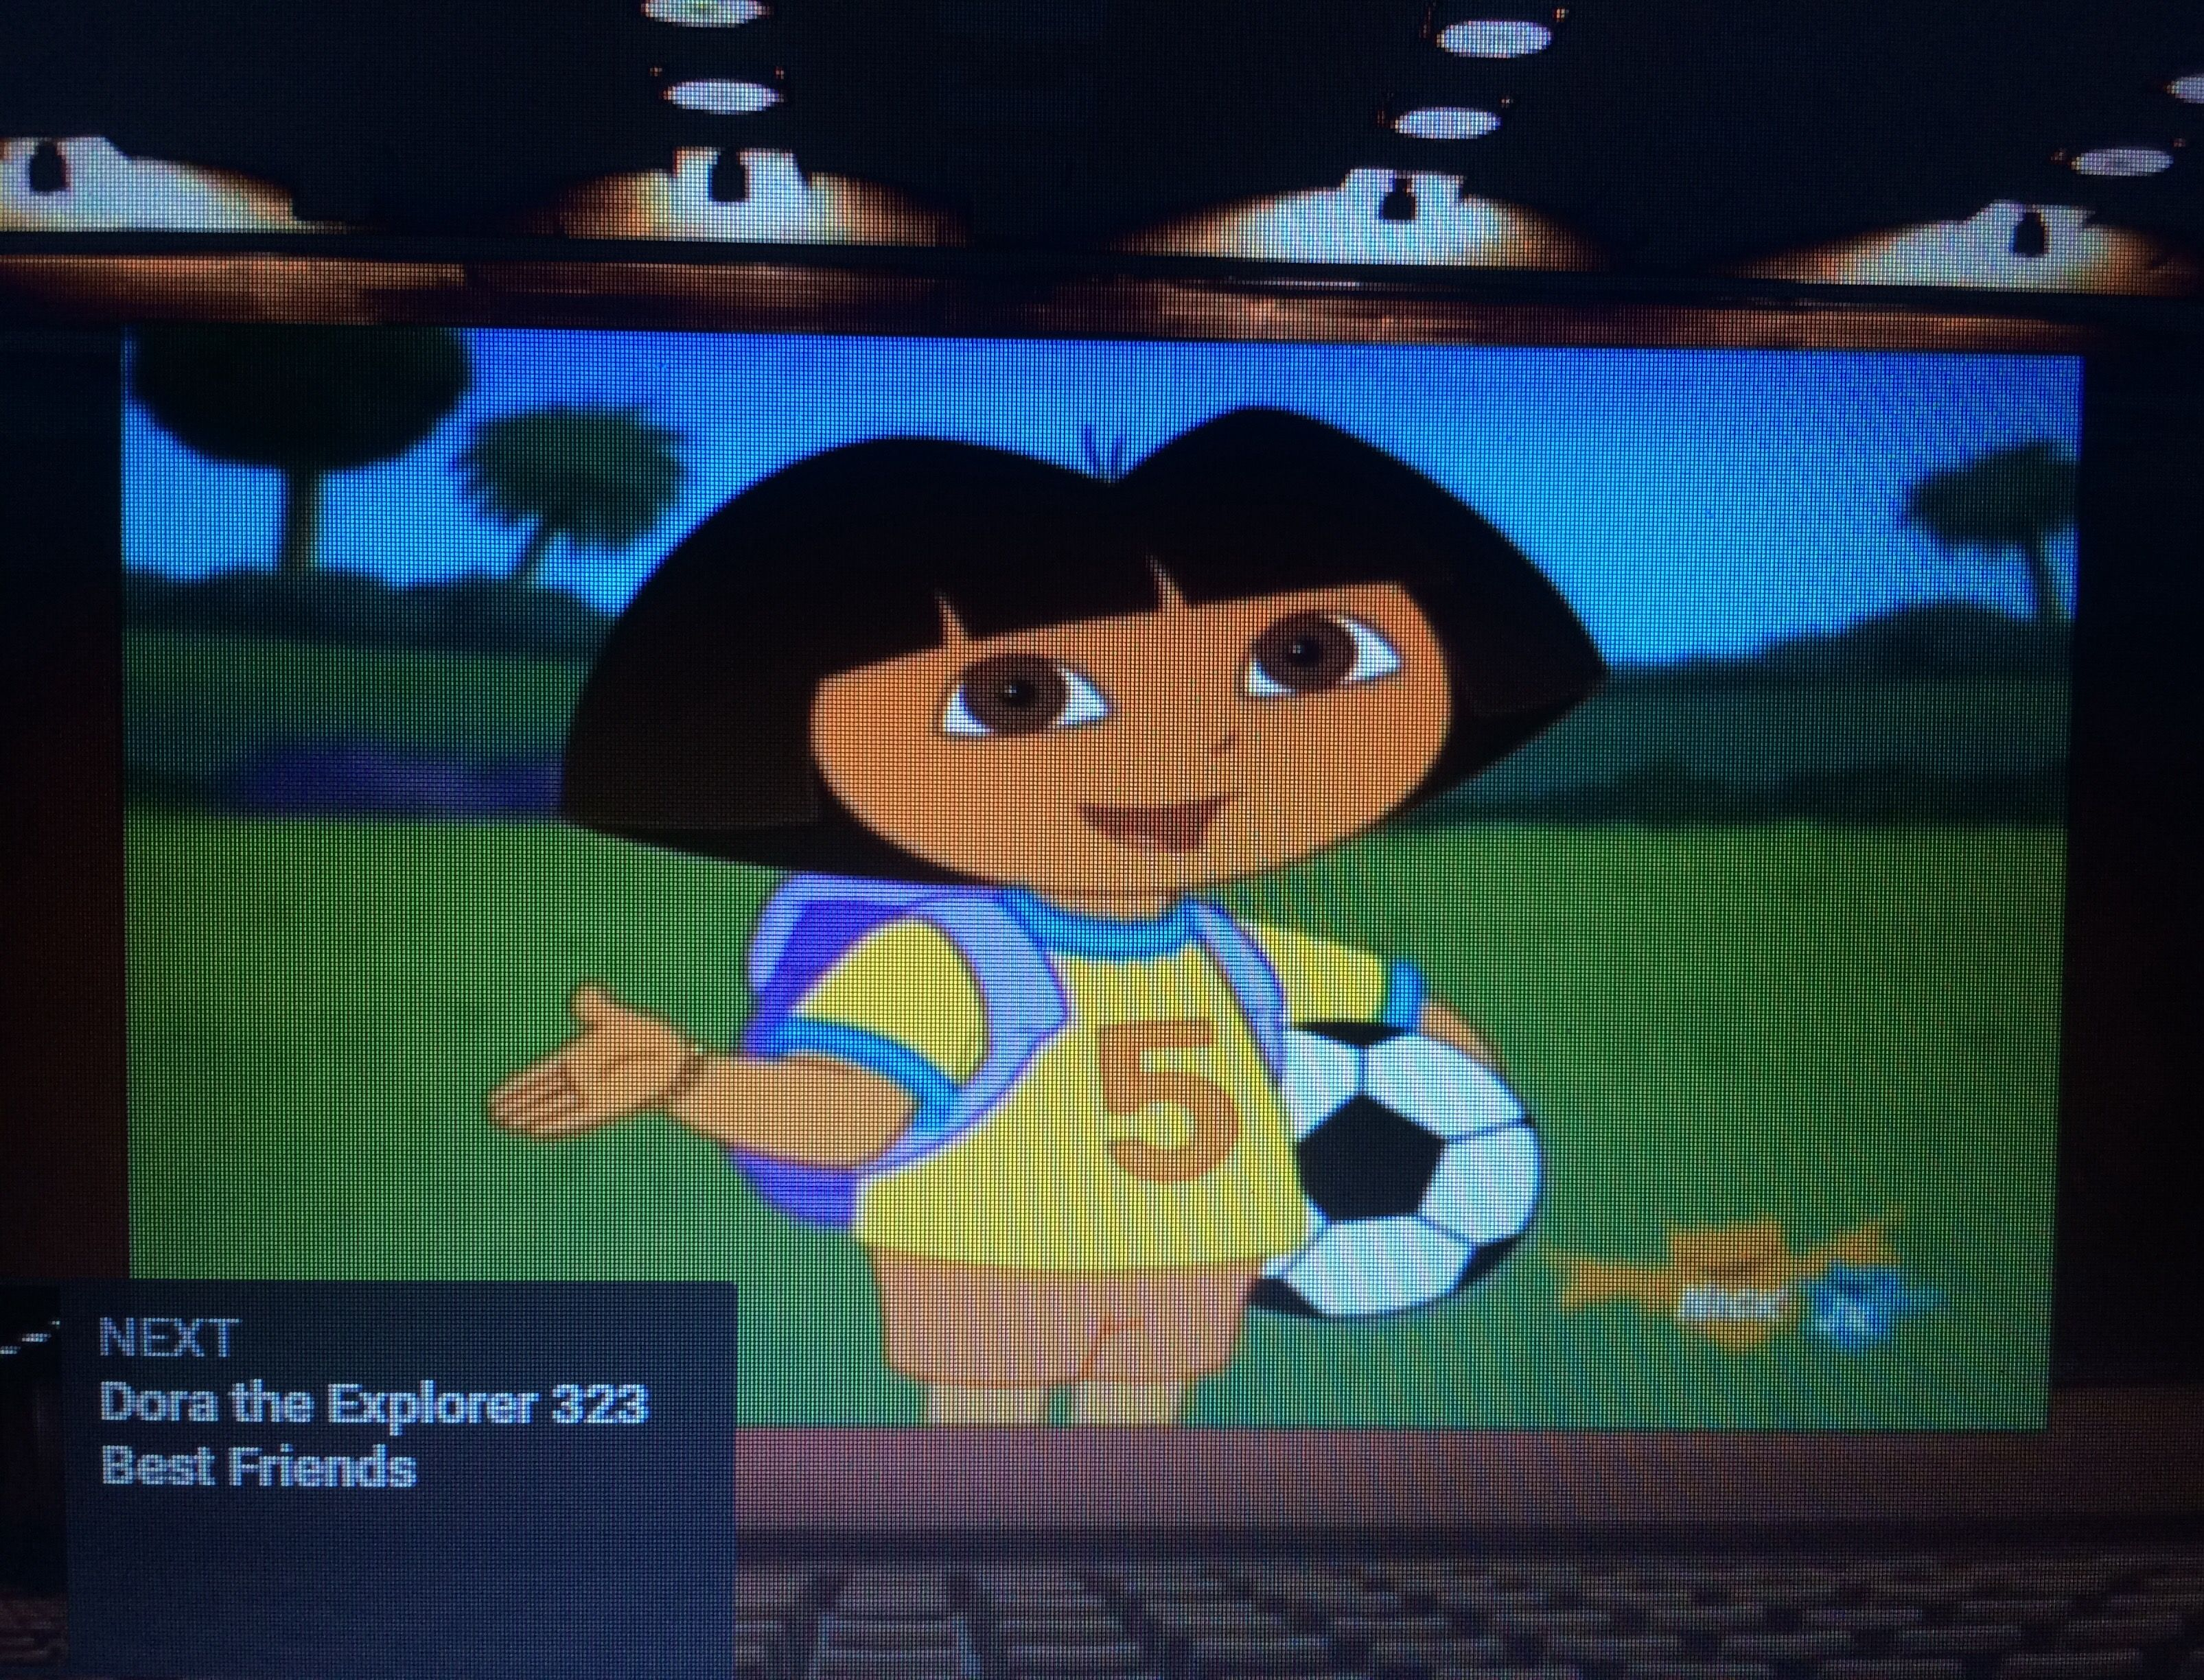 Famous Dora The Explorer Quotes: Dora The Explorer Louder